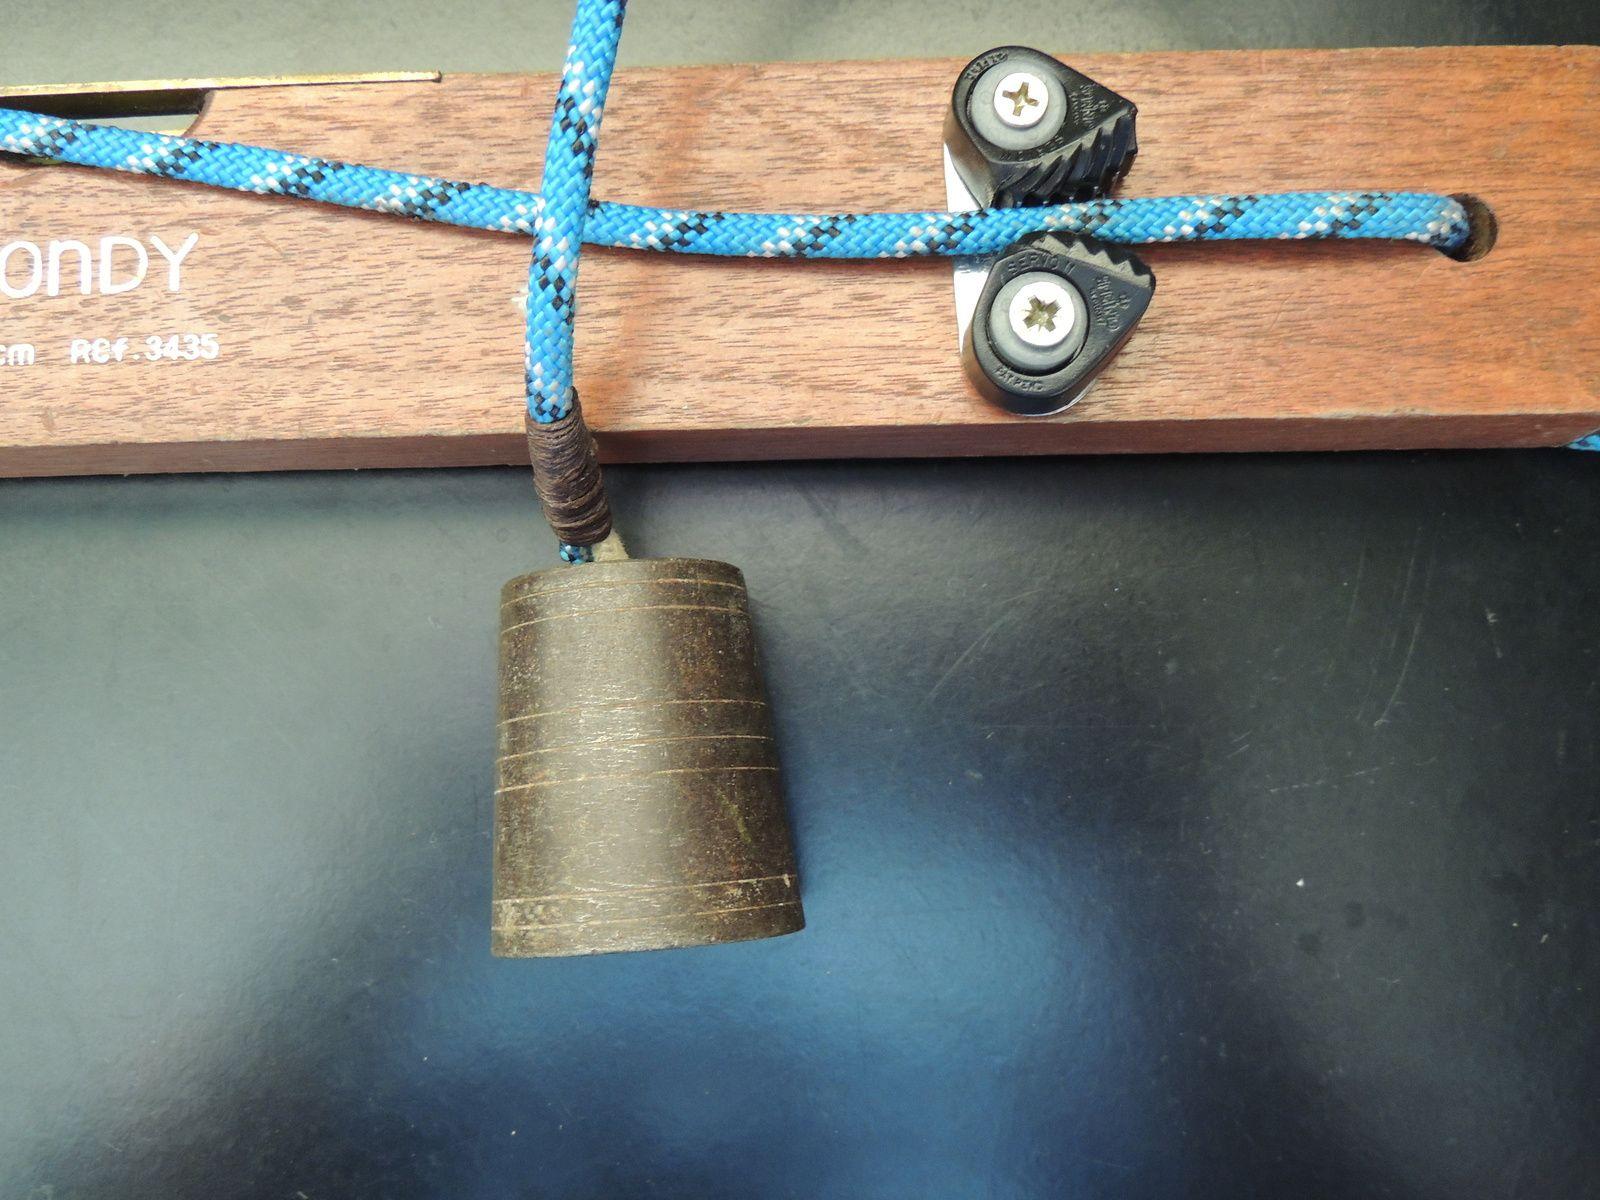 Type de poids utilisé au bout du fil à plomb. Techniques d'élevage 2014. Image soumise à droits d'auteur